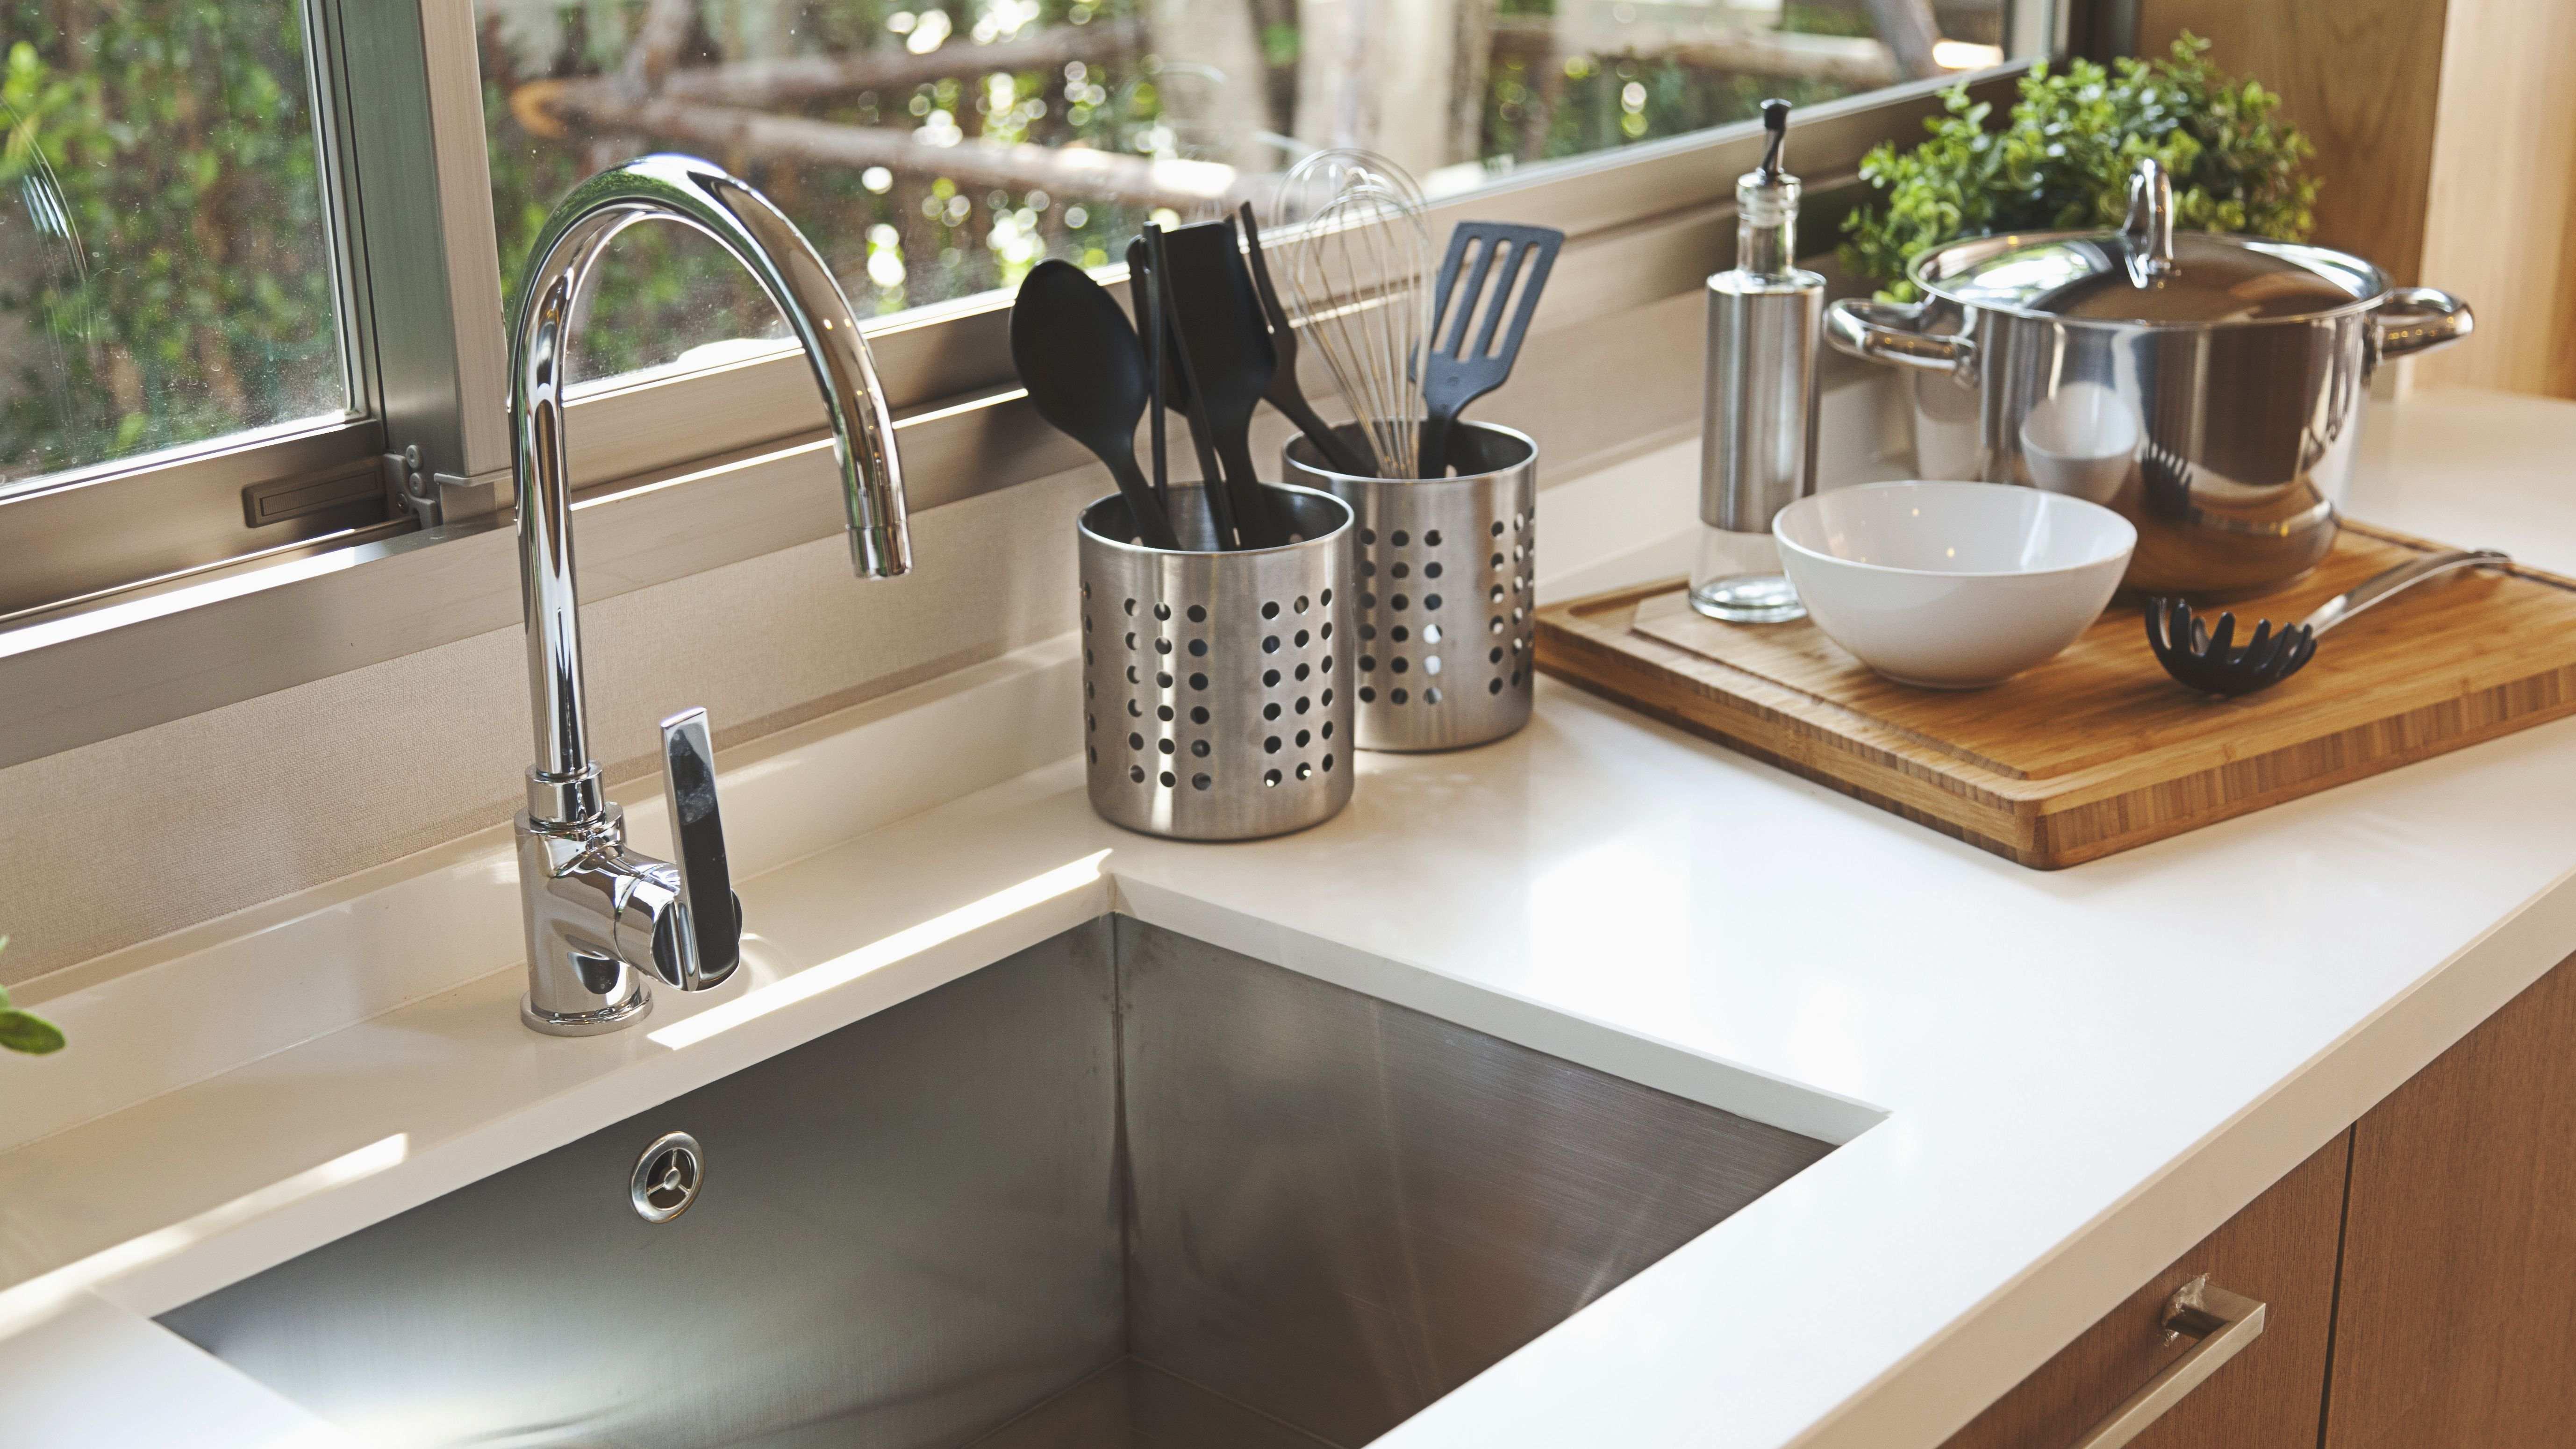 ¿Cómo elegir accesorios para el fregadero de la cocina?